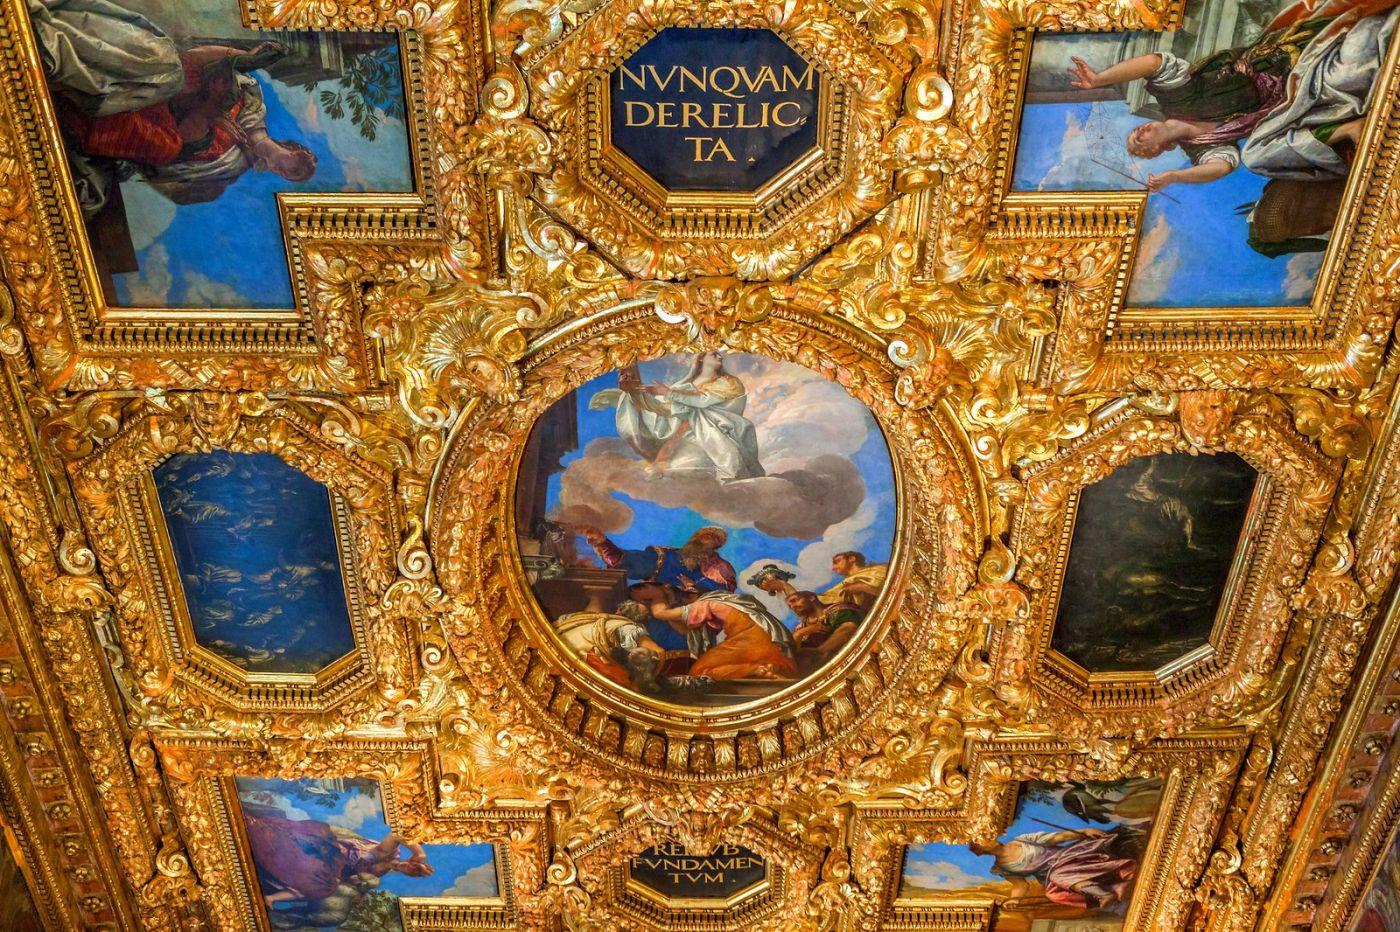 威尼斯圣马可大教堂(St Mark's Basilica), 精雕细琢的顶设_图1-5